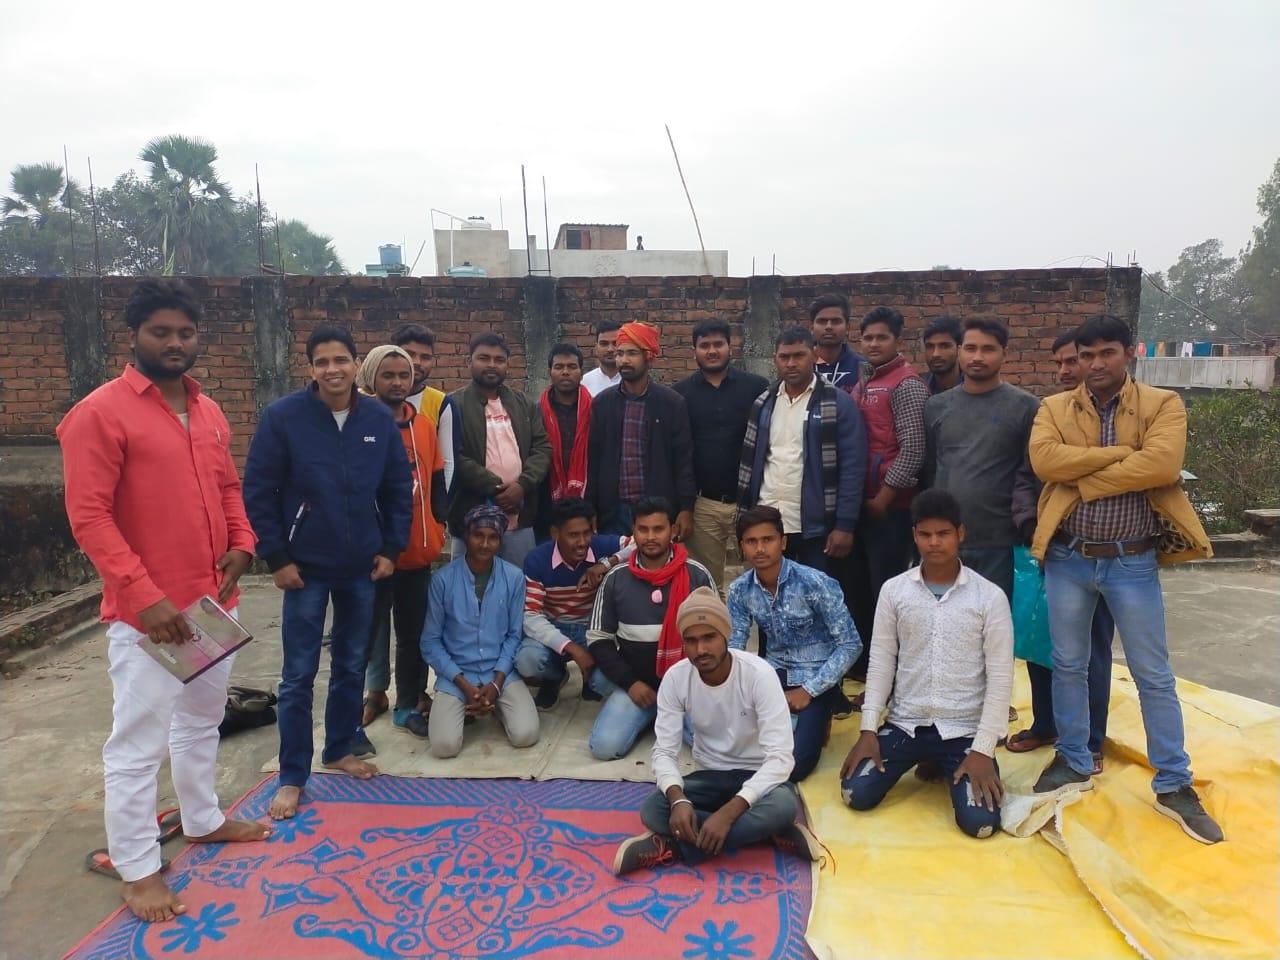 जगदीशपुर में छात्र संगठन आइसा की बैठक में लिए गए कई फैसले